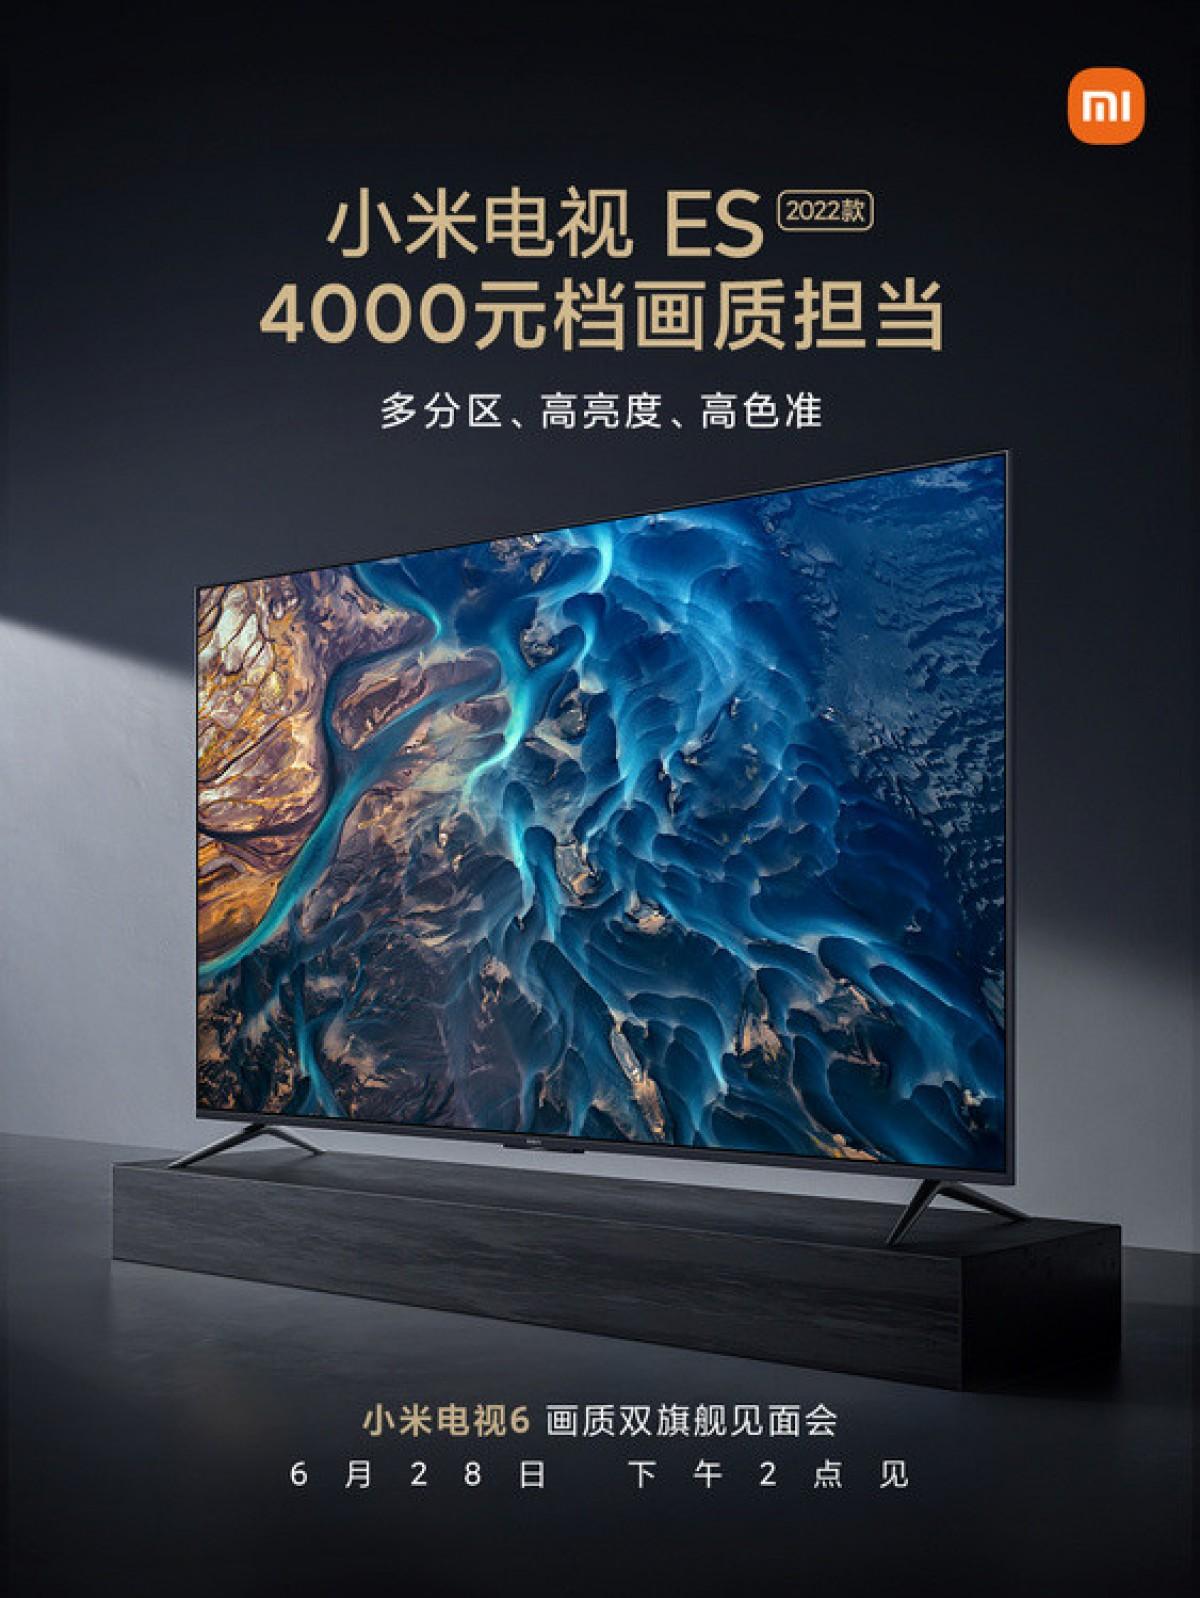 Spesifikasi dan harga Xiaomi Mi TV ES 2022 series terungkap dalam teaser resmi